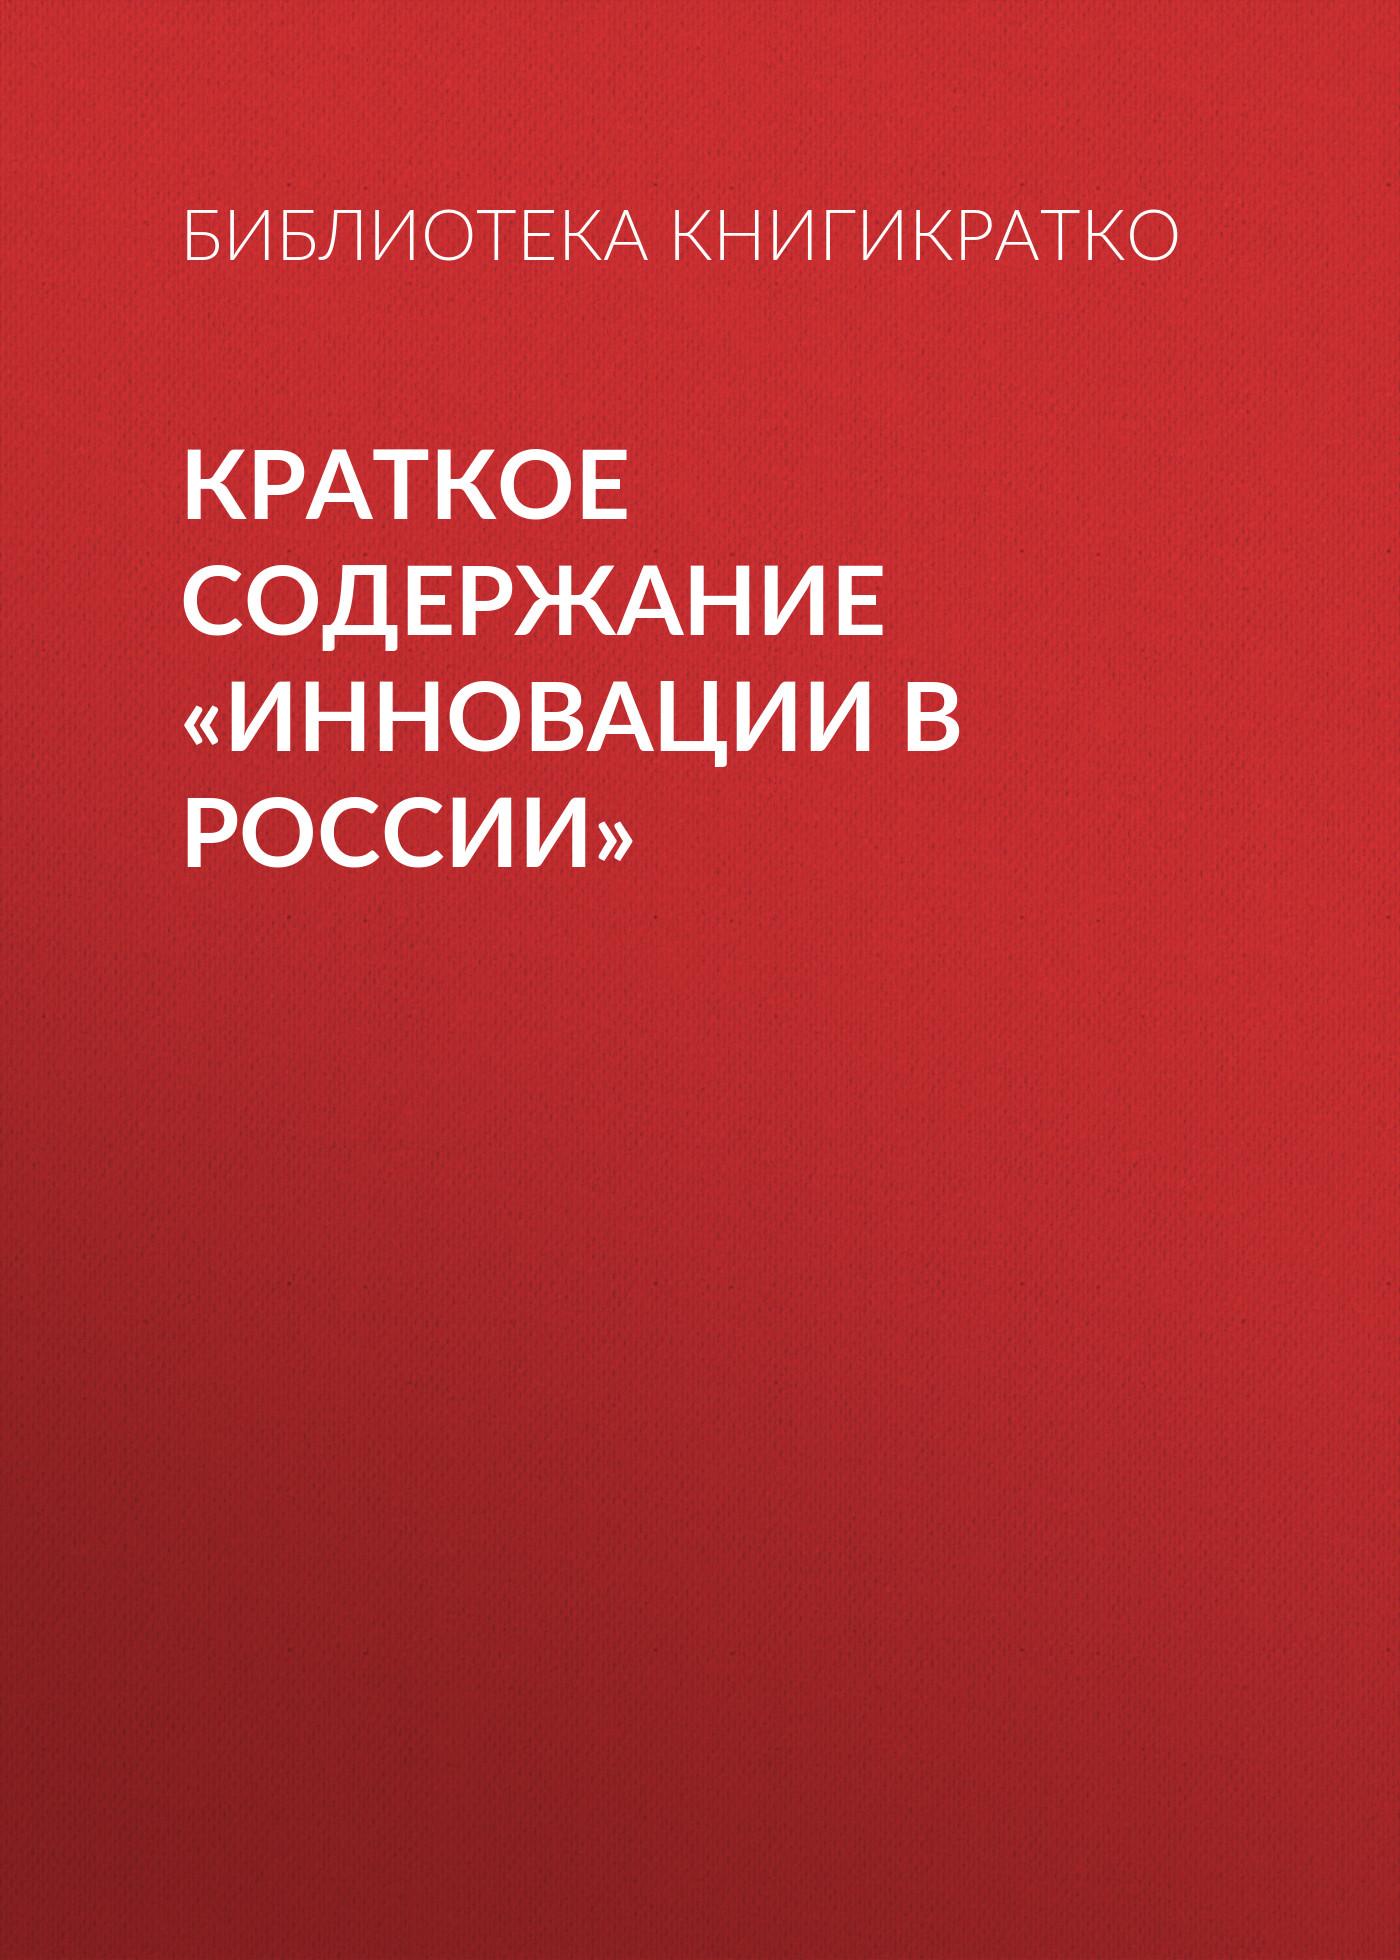 все цены на Библиотека КнигиКратко Краткое содержание «Инновации в России»